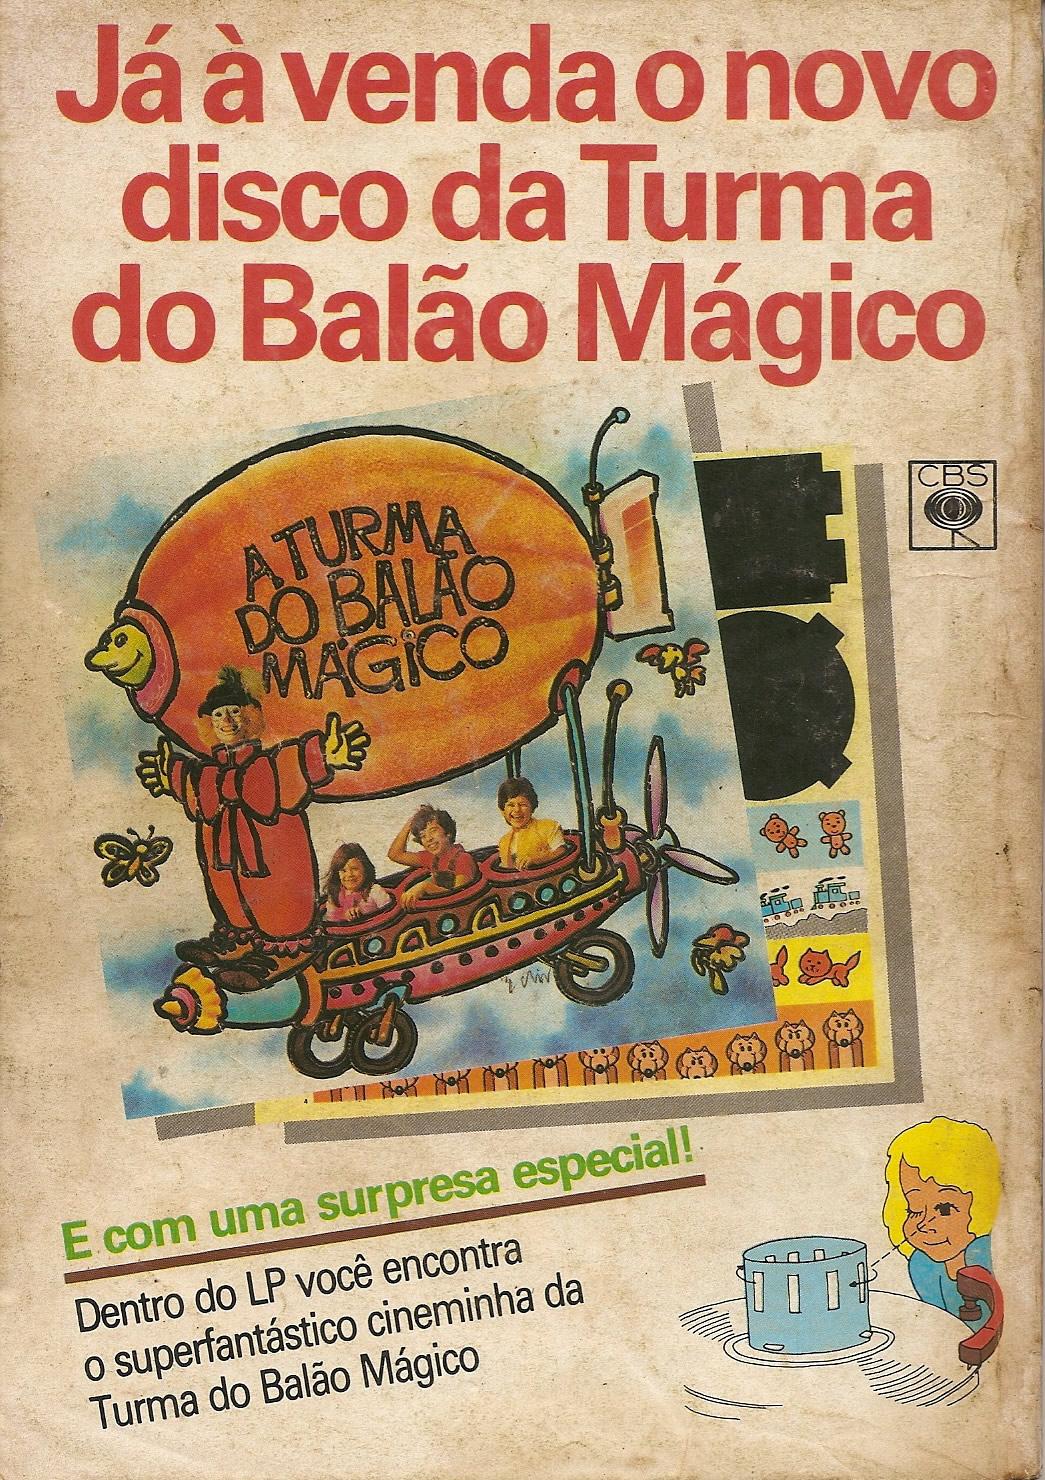 Campanha de lançamento do segundo disco da Turma do Balão Mágico nos anos 80